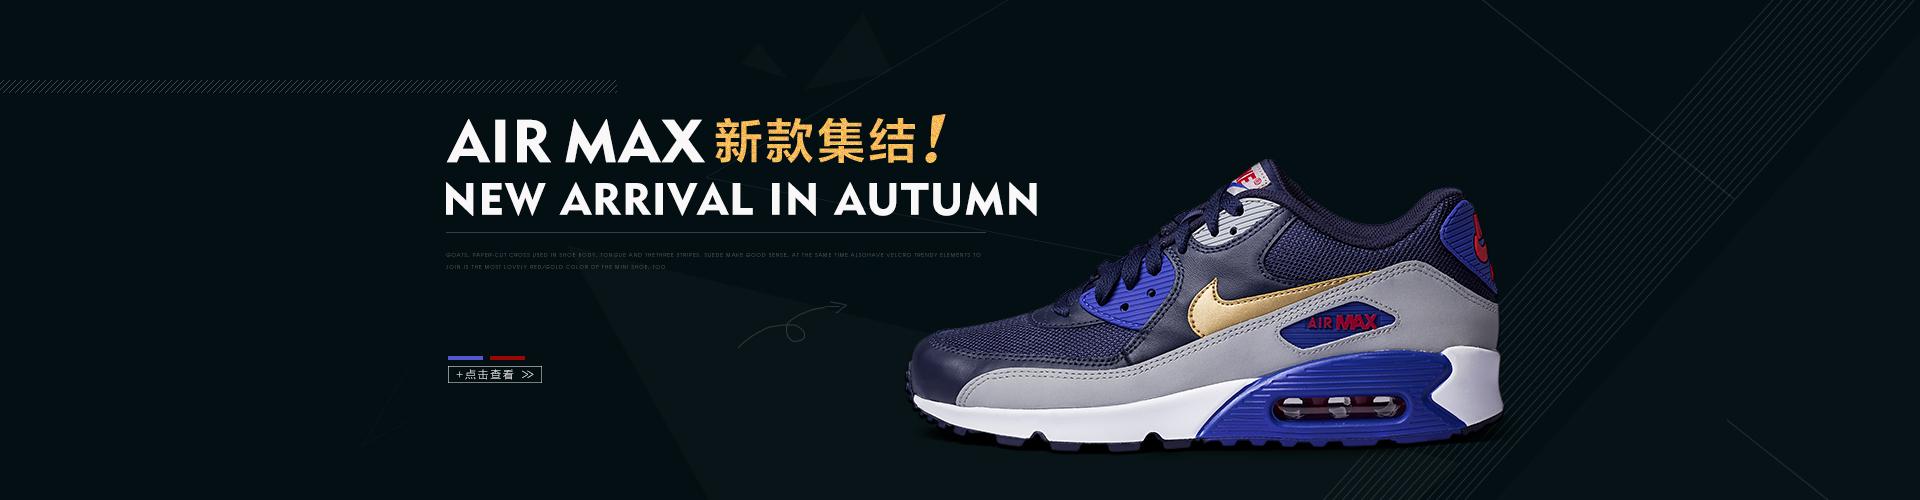 鞋子海报-banner 广告图 推广图